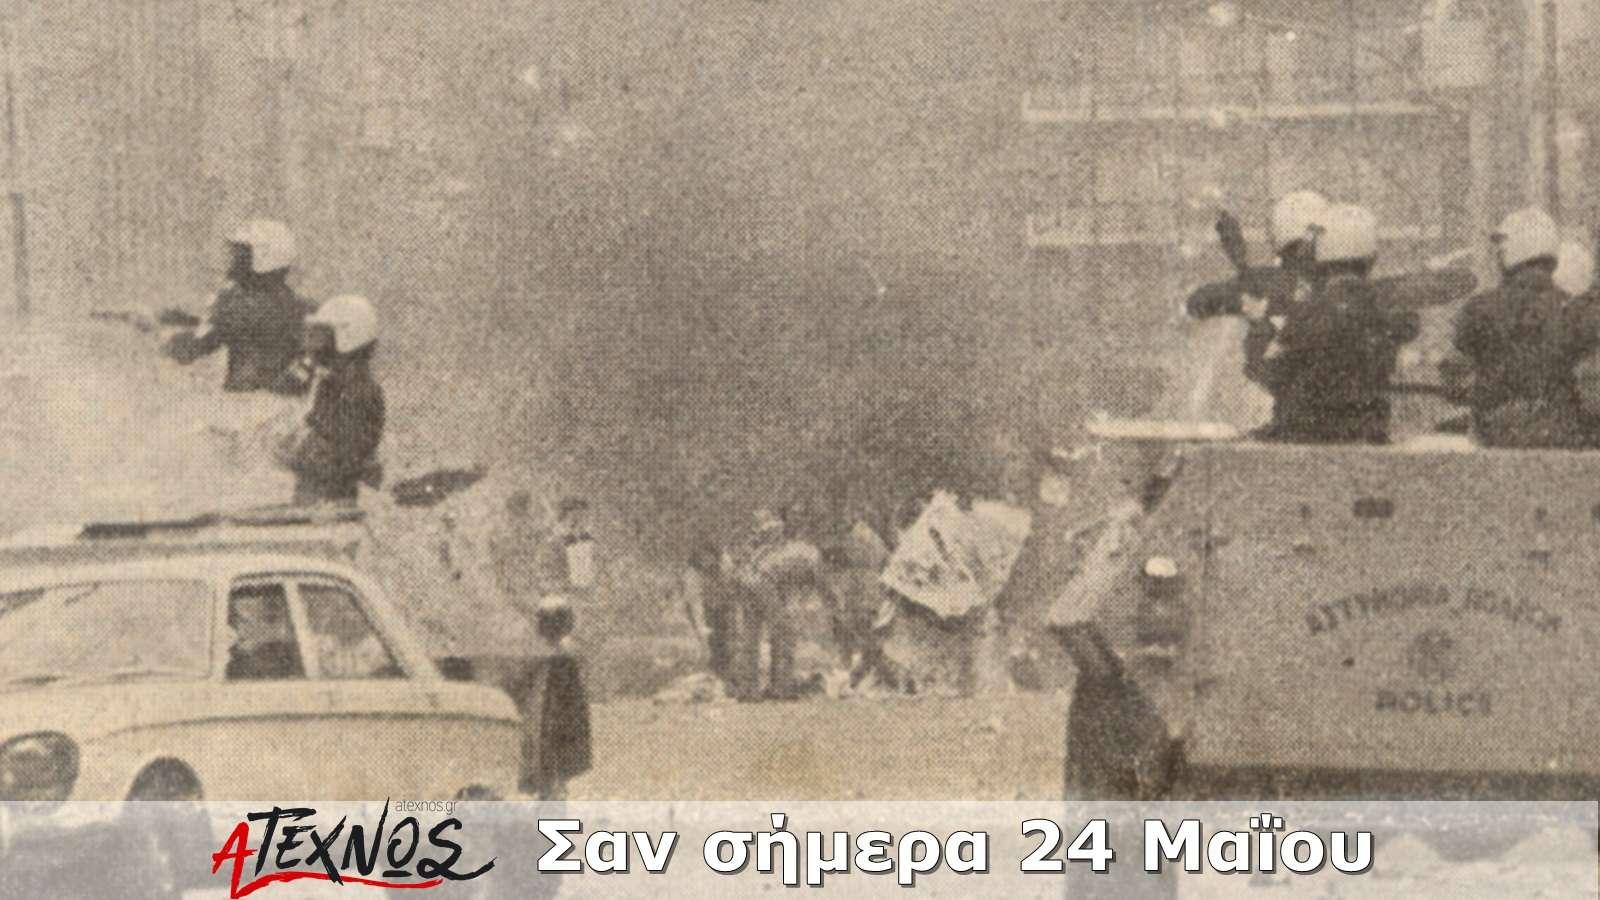 Σαν σήμερα24 Μαΐου – Γεγονότα και πρόσωπα που έμειναν στην ιστορία και δεν πρέπει να ξεχάσουμε